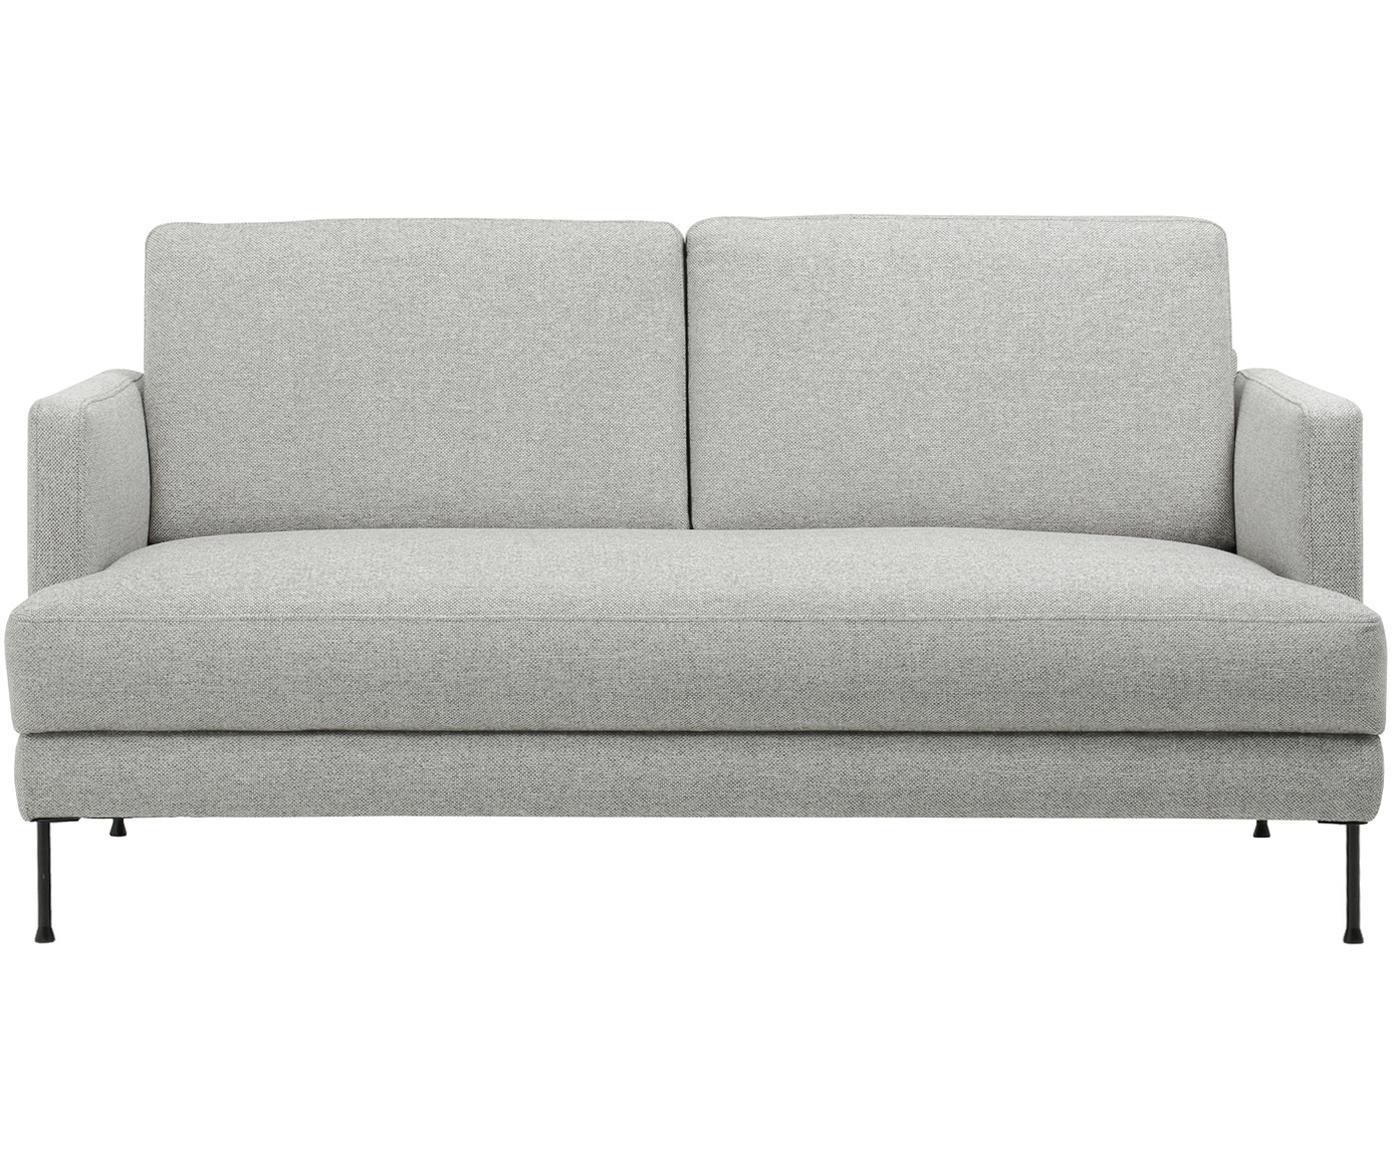 Sofa Fluente (2-osobowa), Tapicerka: poliester Tkanina o odpor, Stelaż: drewno naturalne, Nogi: metal lakierowany, Jasny szary, S 168 x W 85 cm